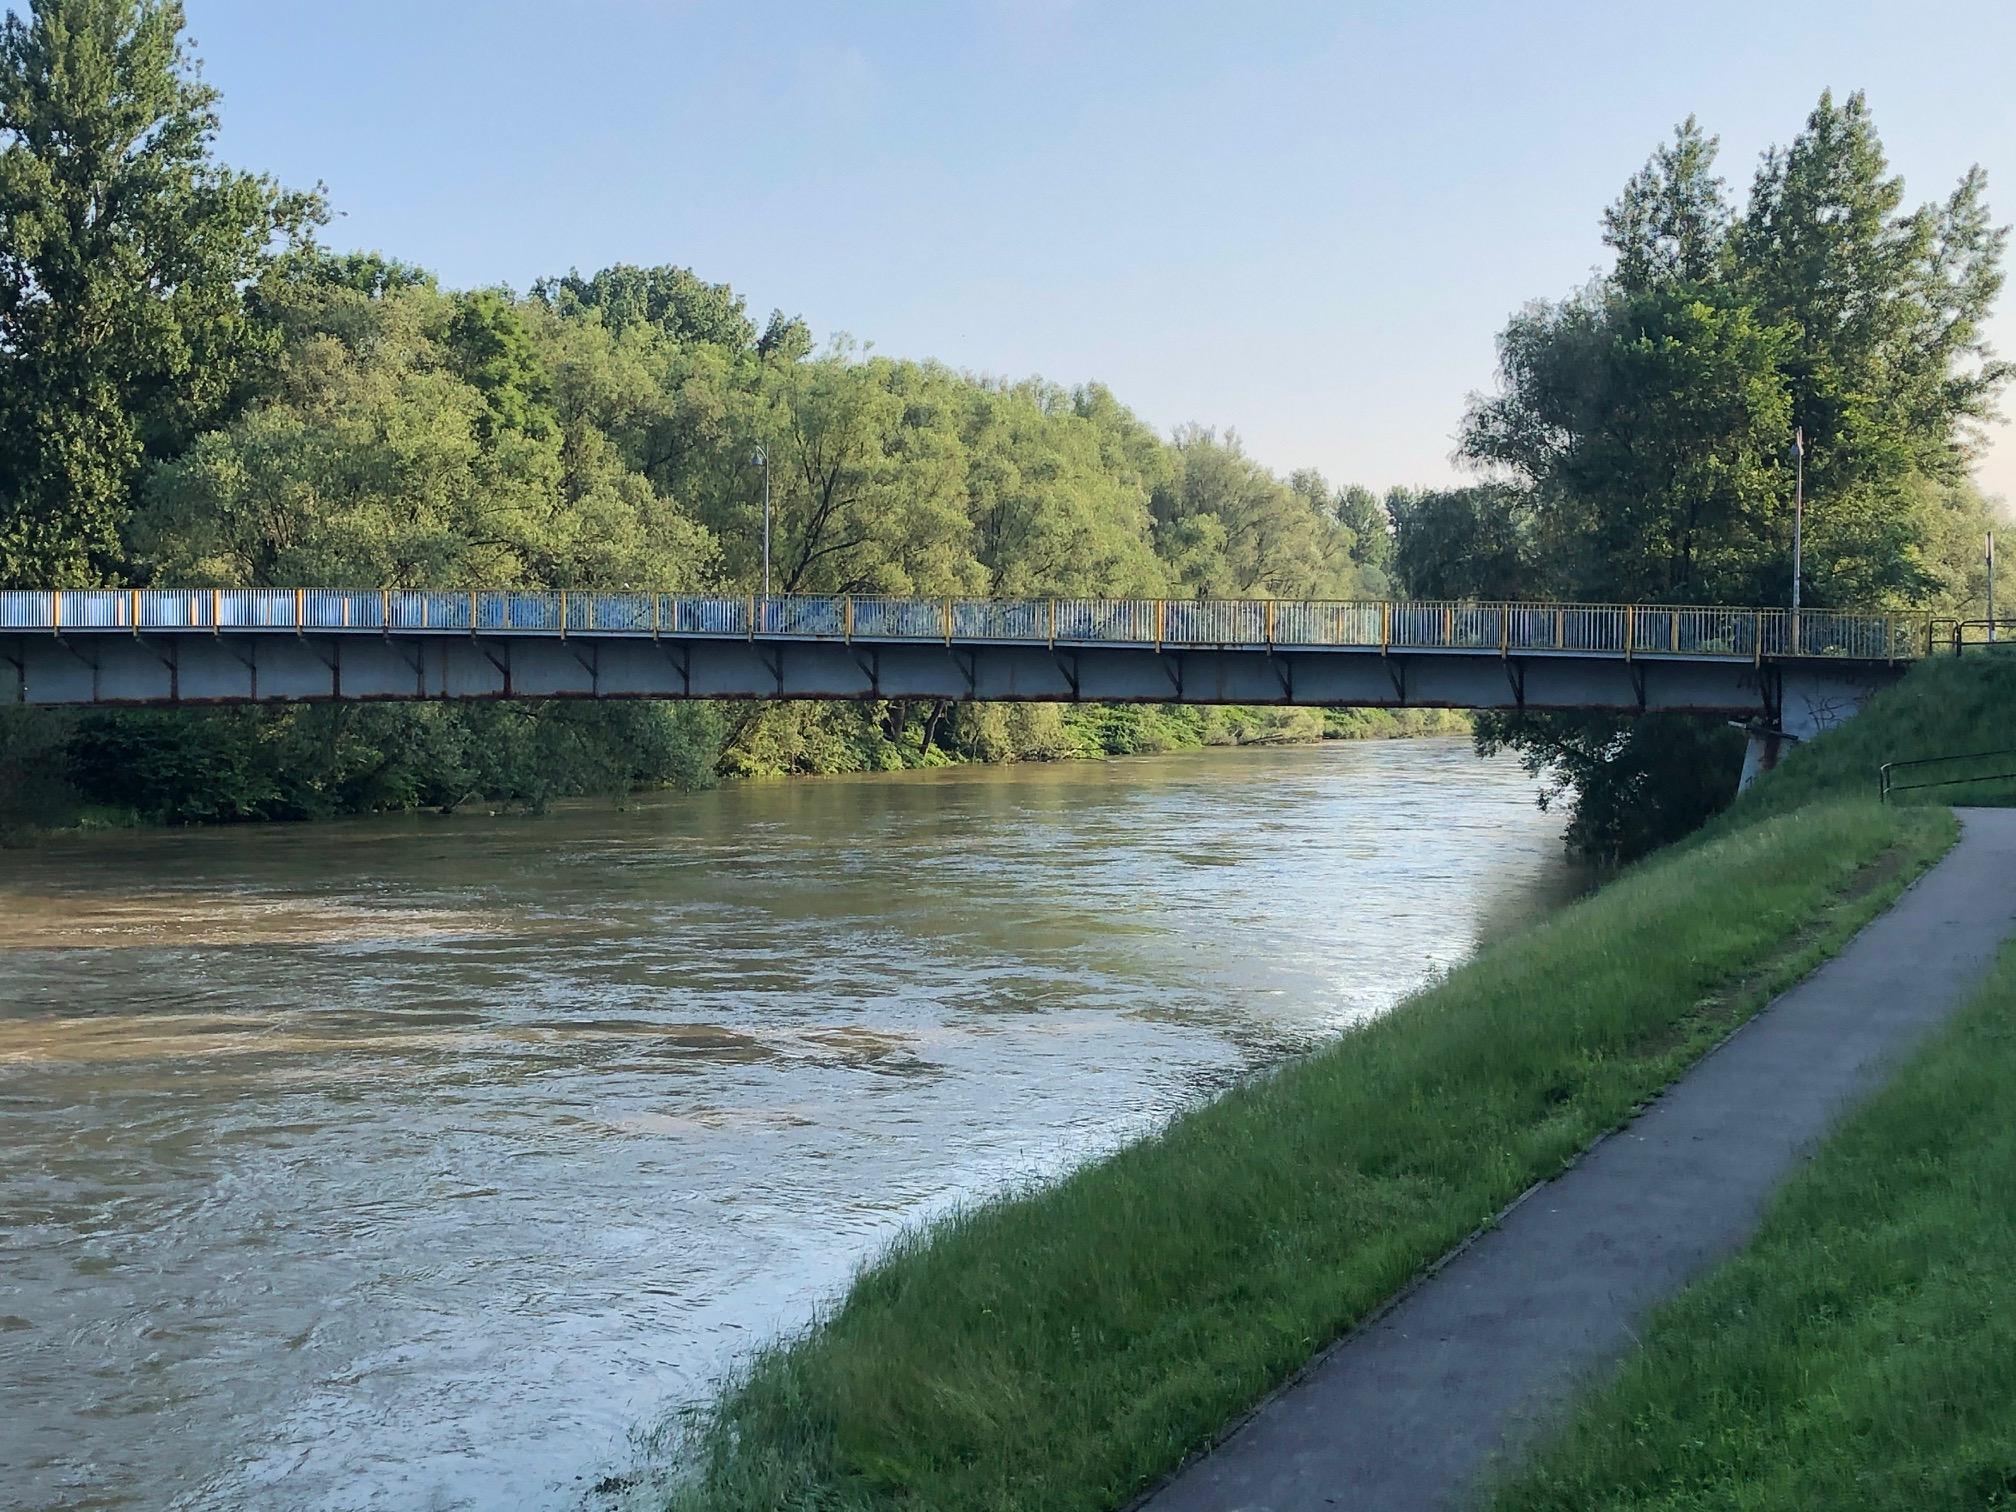 Fot. Rzeka Soła w Oświęcimiu